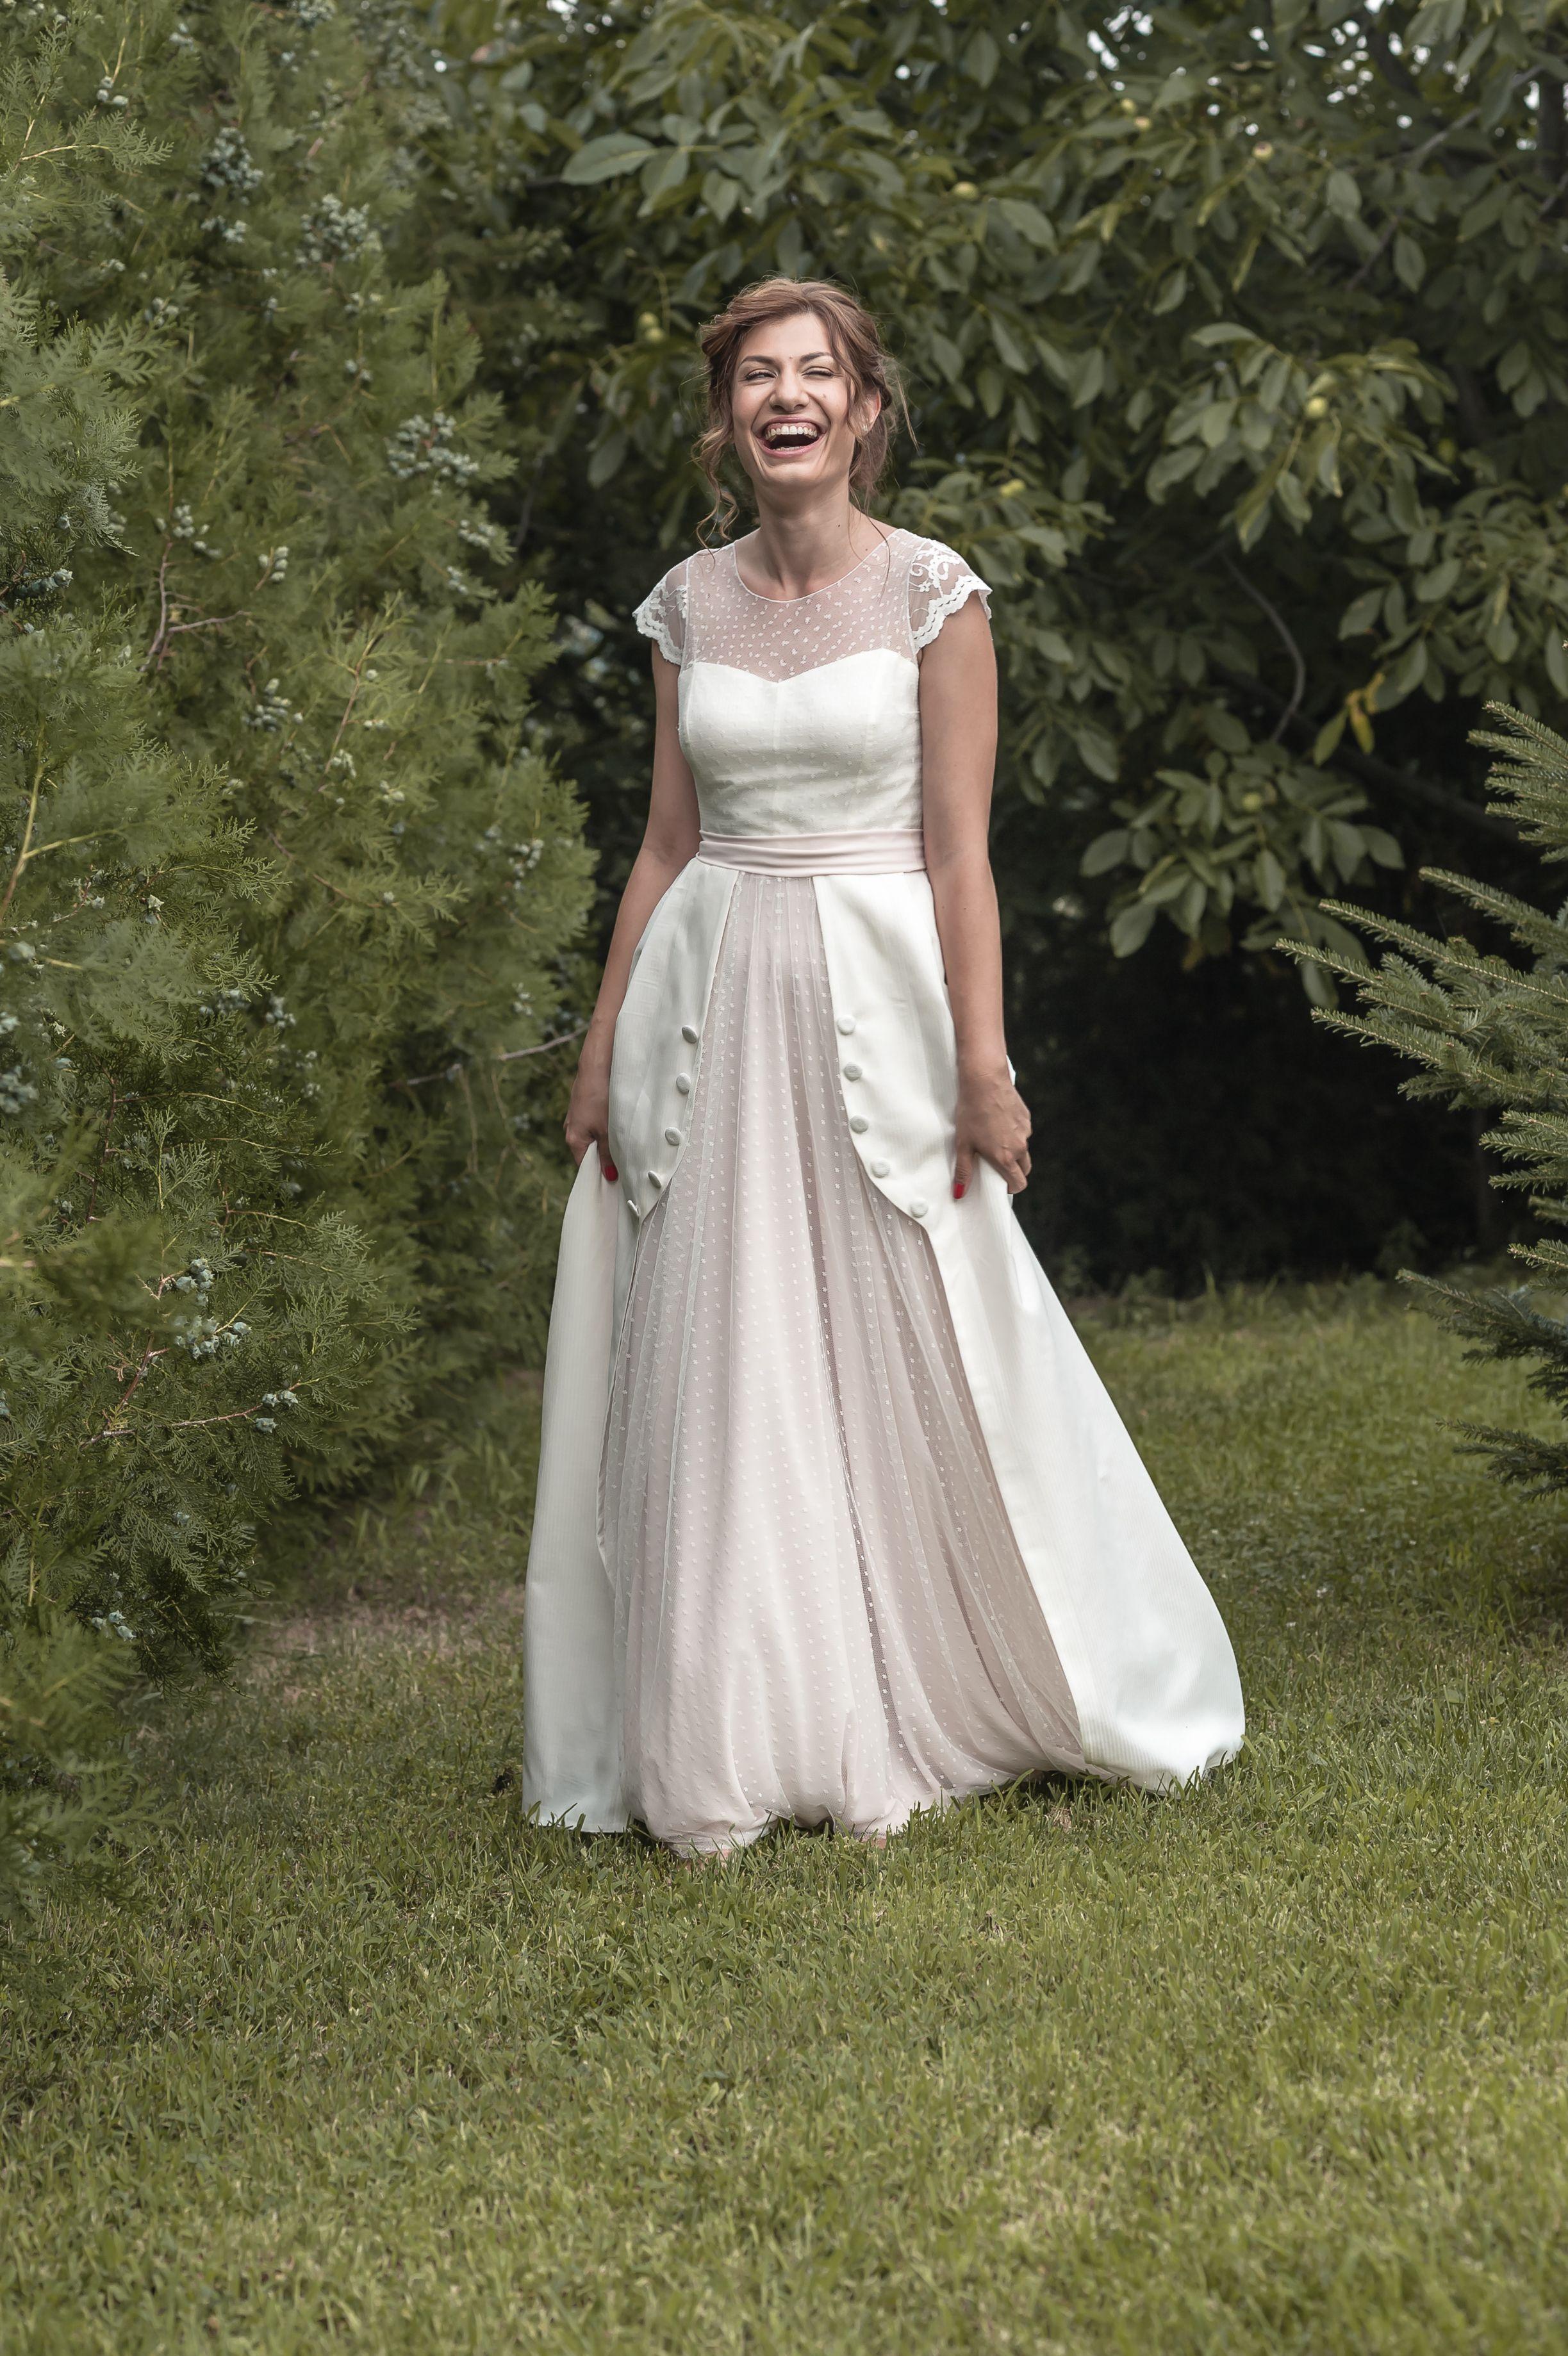 Matilda Wedding Dress MaudiKa Wedding Dress Robes de